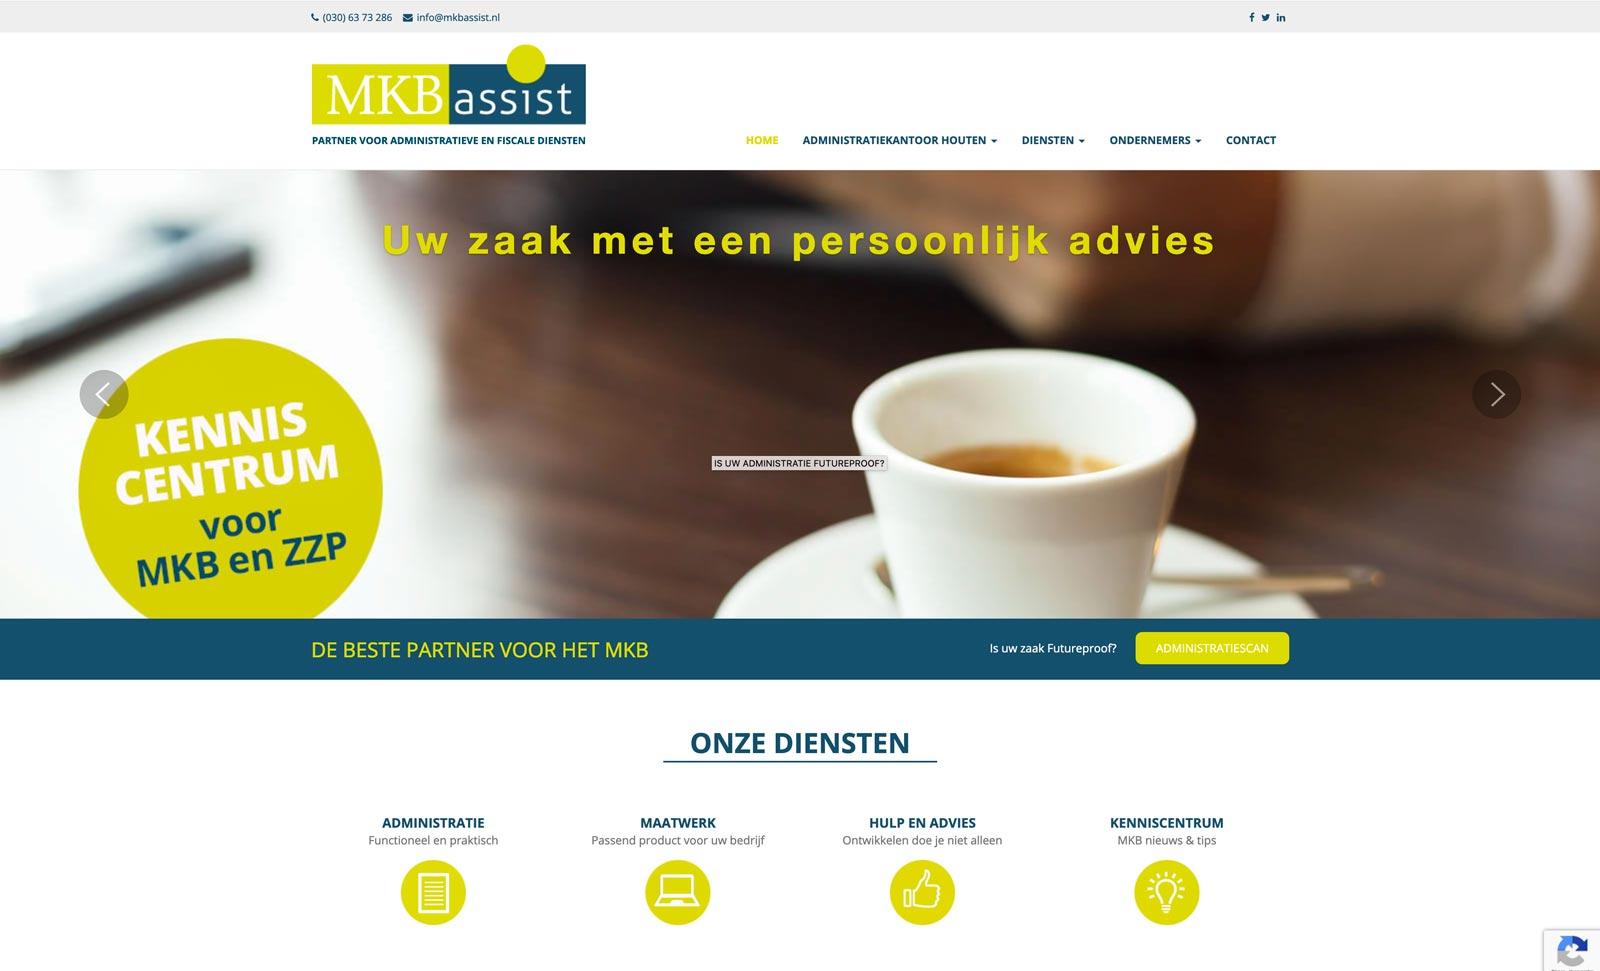 MKB Assist verzorgt financiële administraties en geeft belastingadvies.